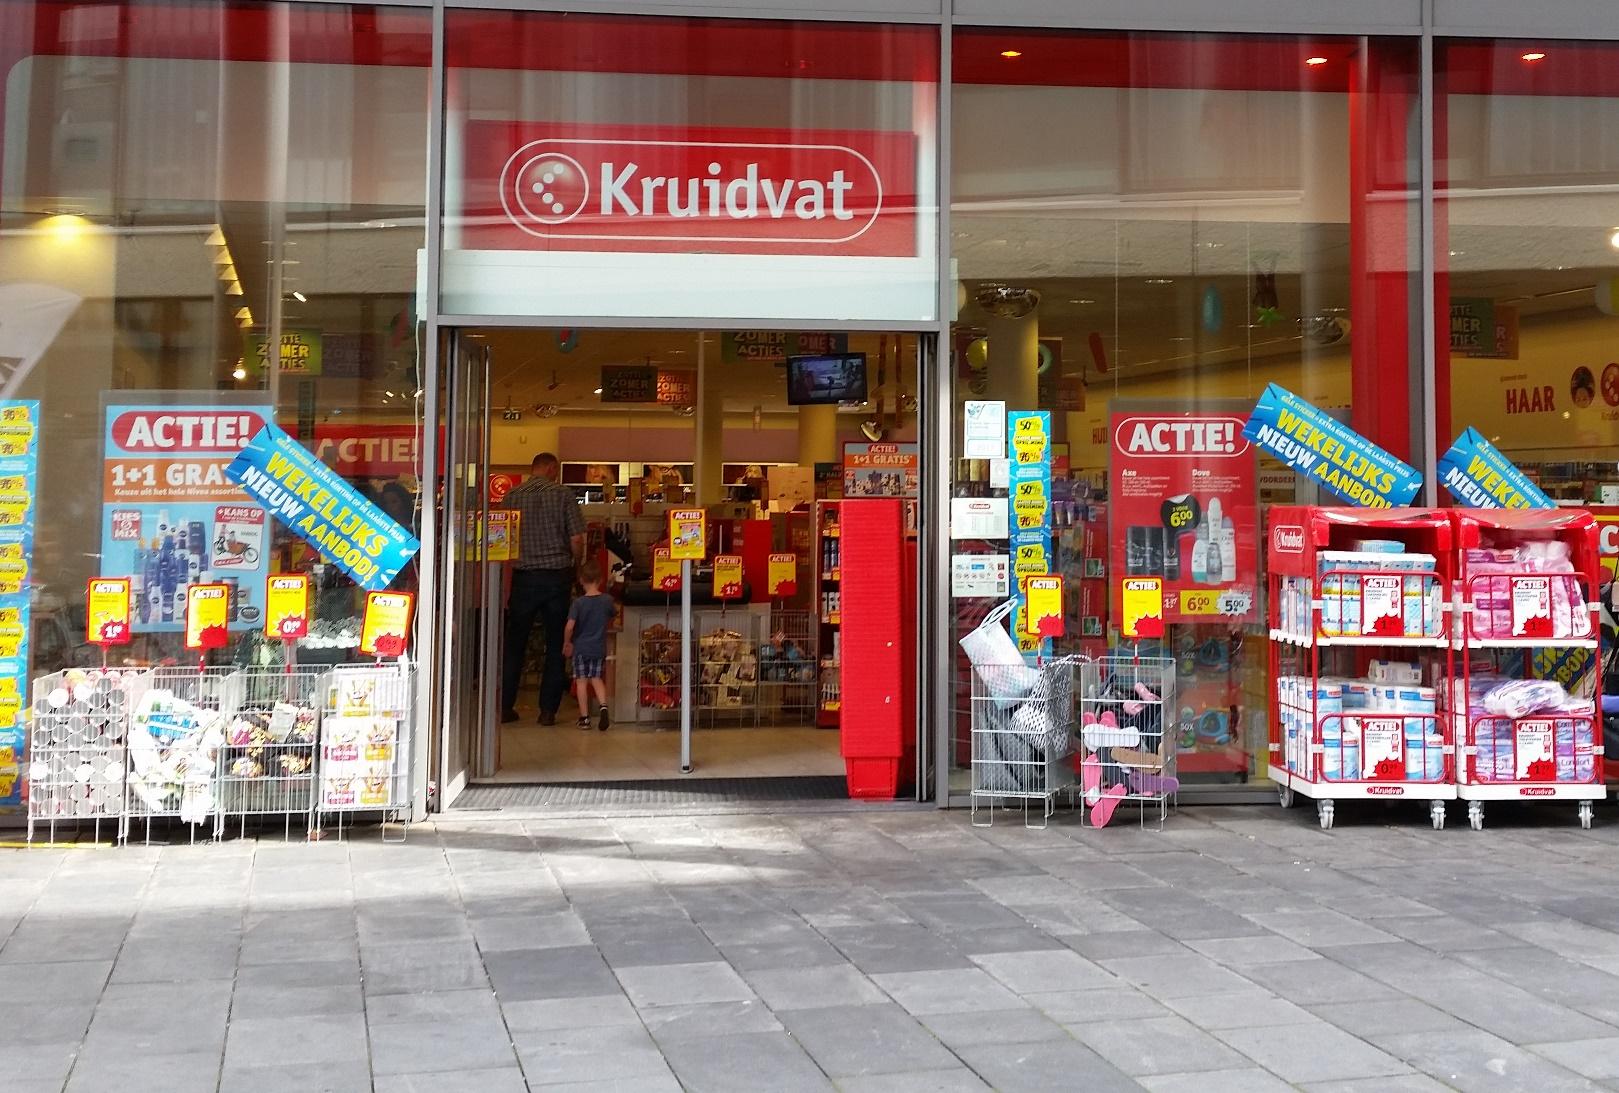 5x duurzaam winkelen bij kruidvat awkward duckling